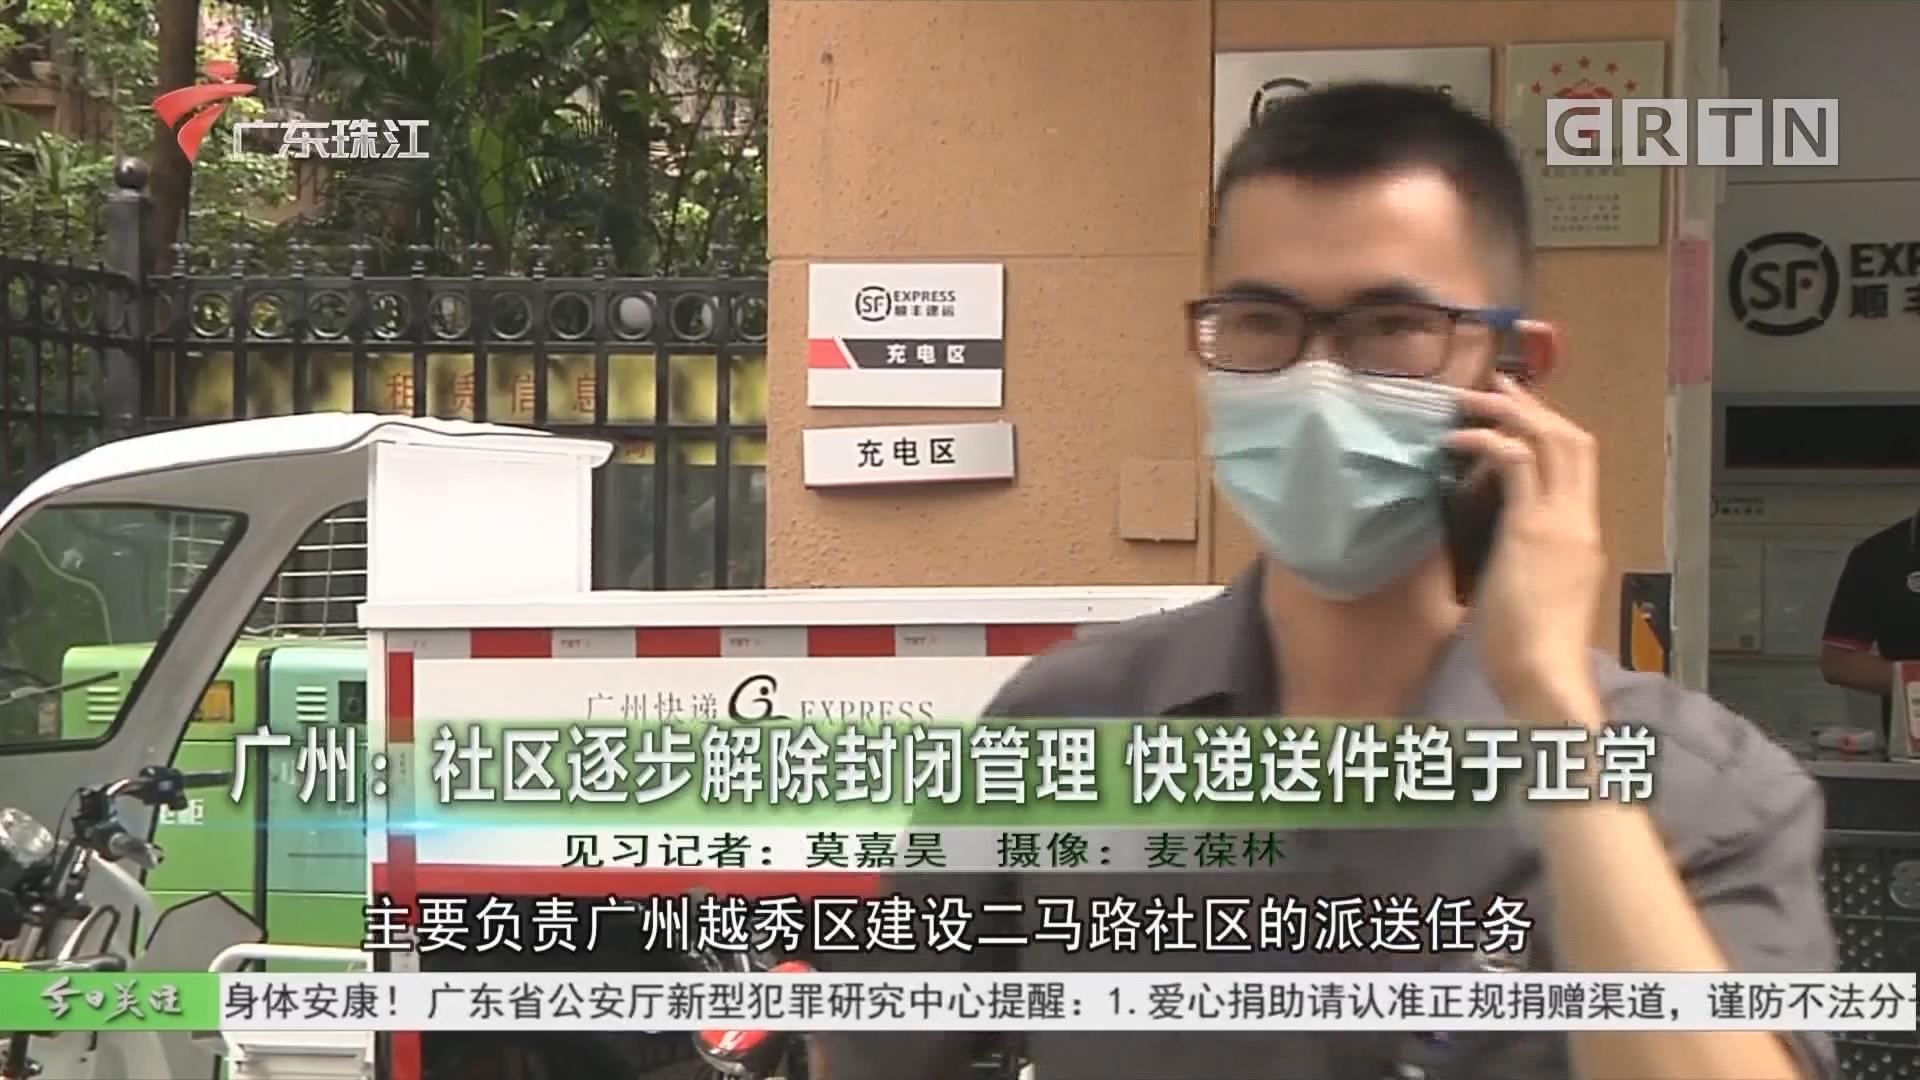 廣州:社區逐步解除封閉管理 快遞送件趨于正常